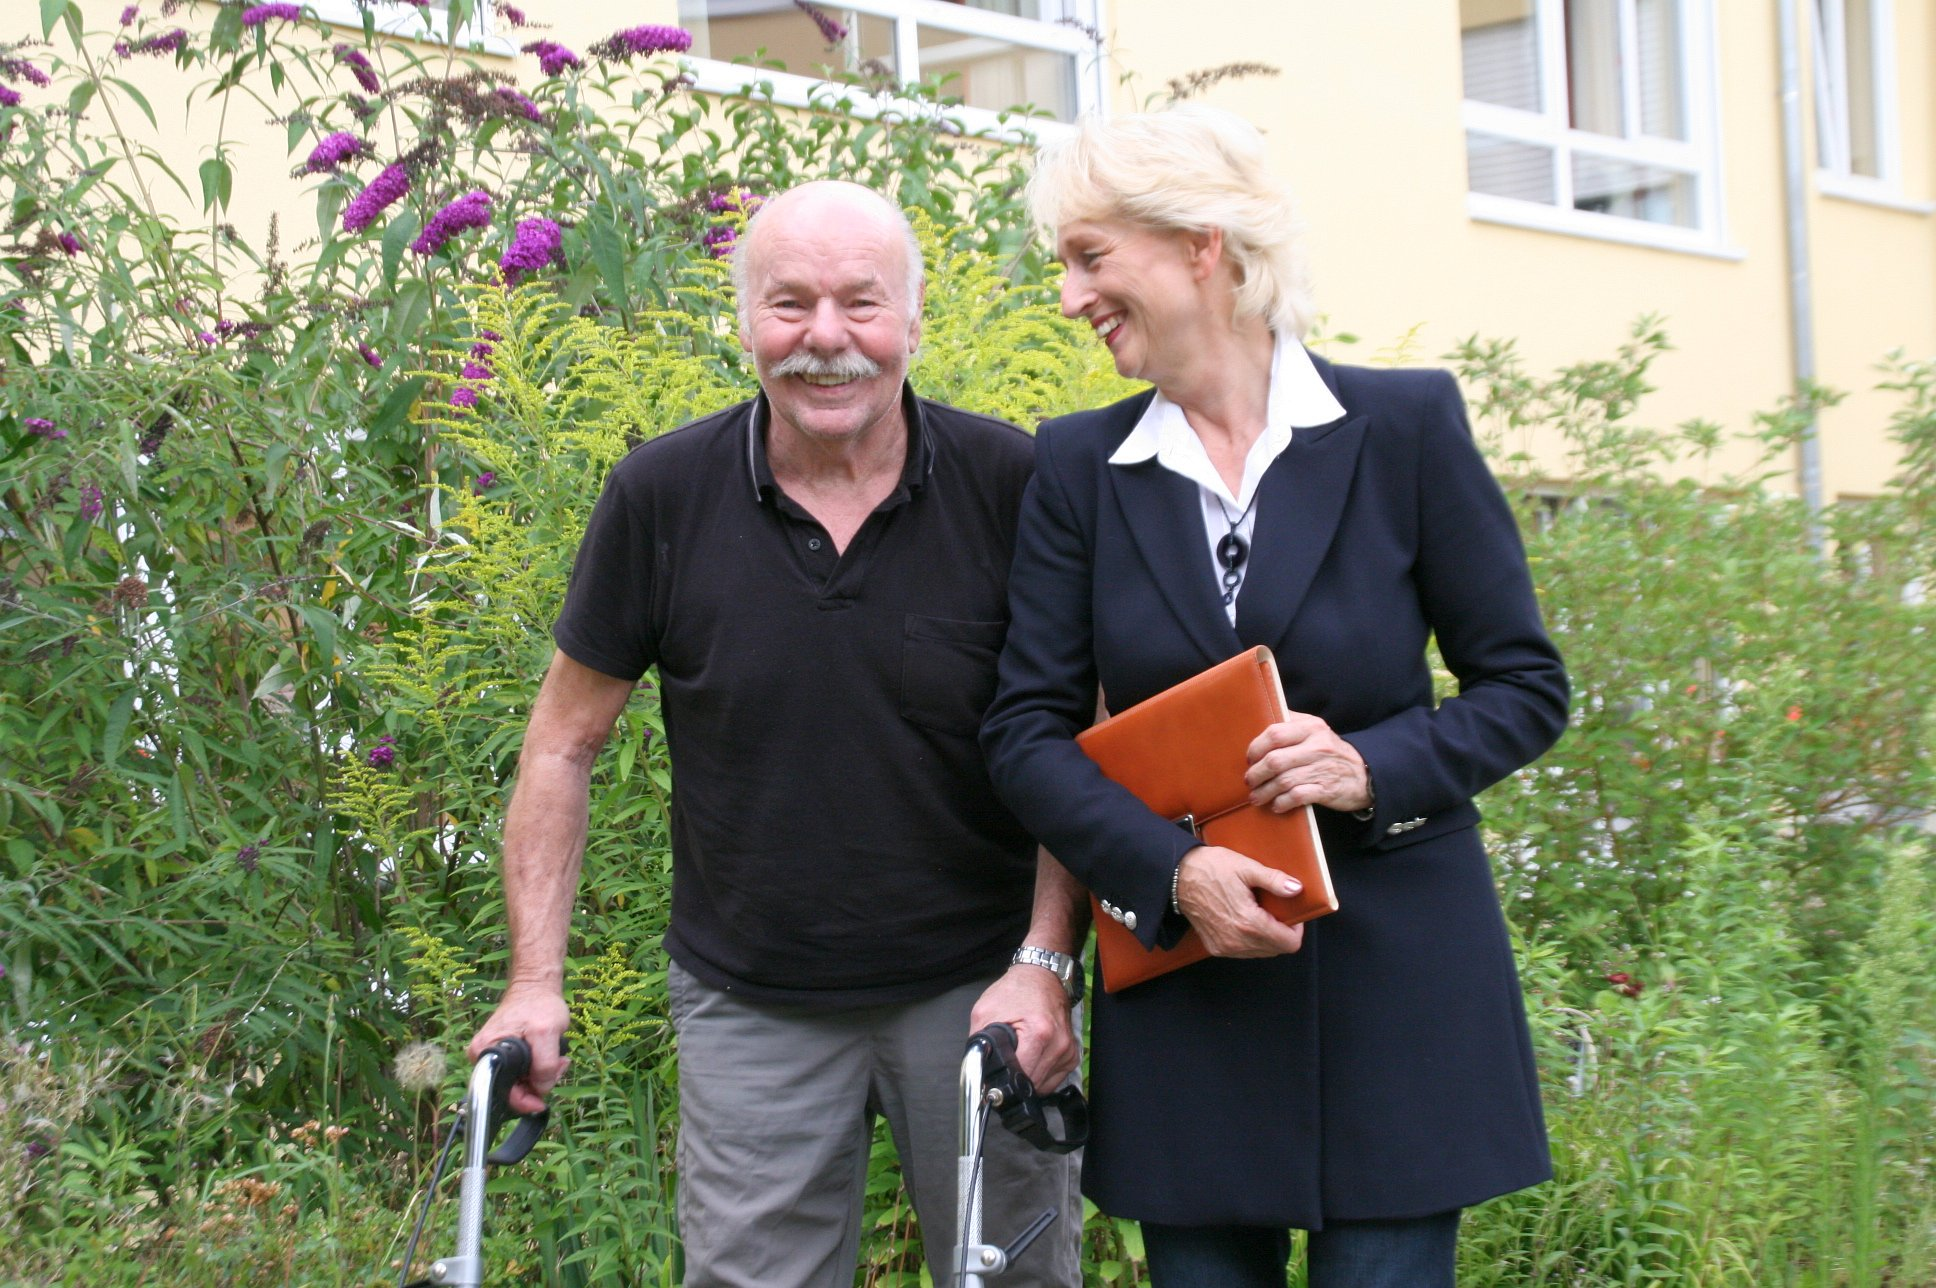 seniorenbetreuung-muenchen-lebensfreude-66-plus-scherzen